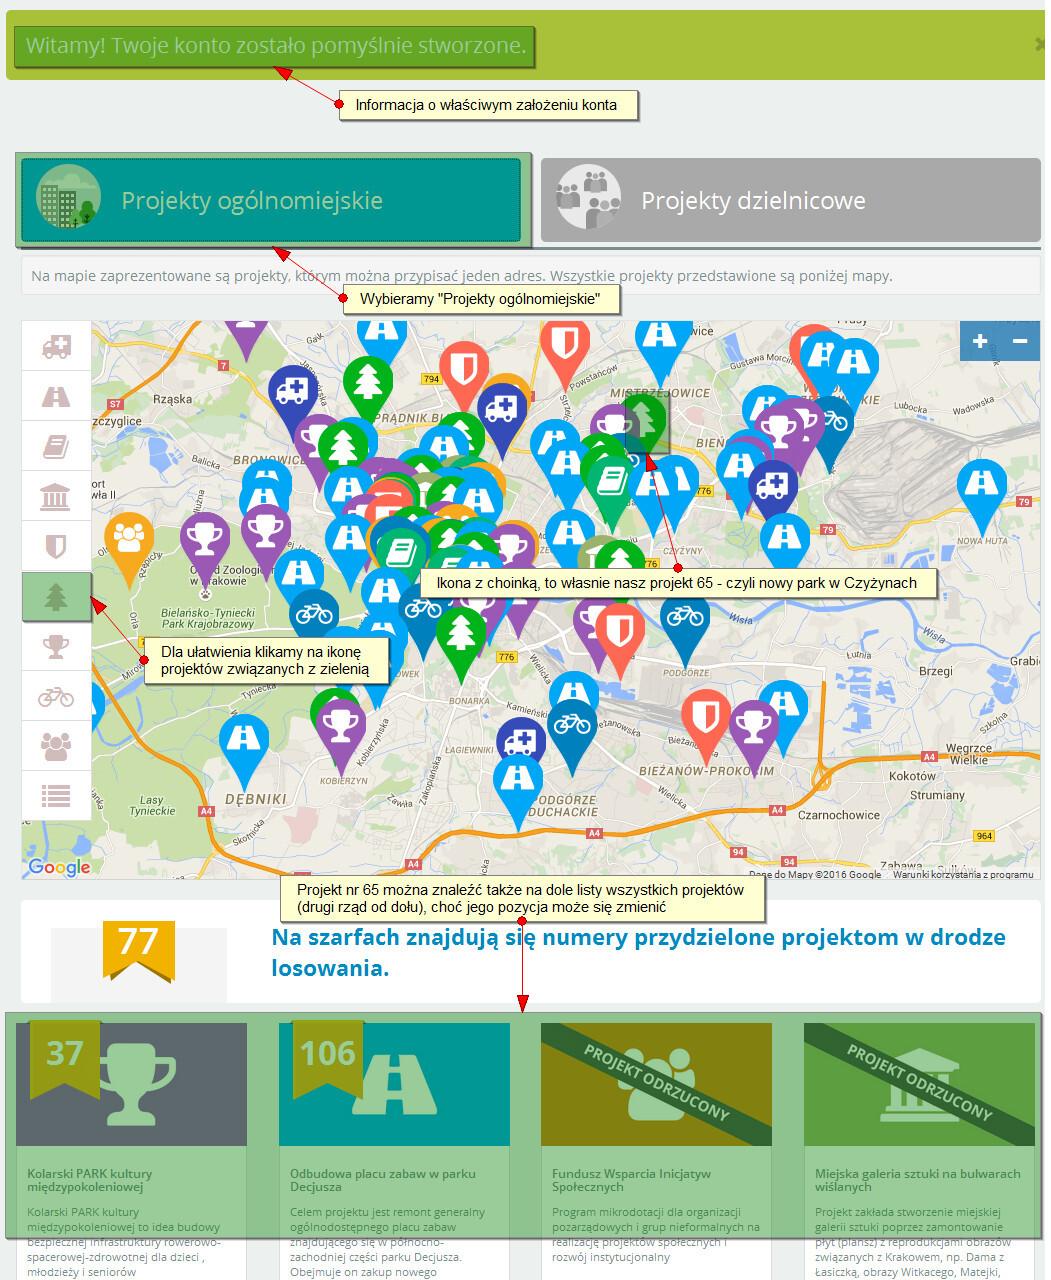 Jak wyszukać projekt w budżecie obywatelskim miasta Krakowa